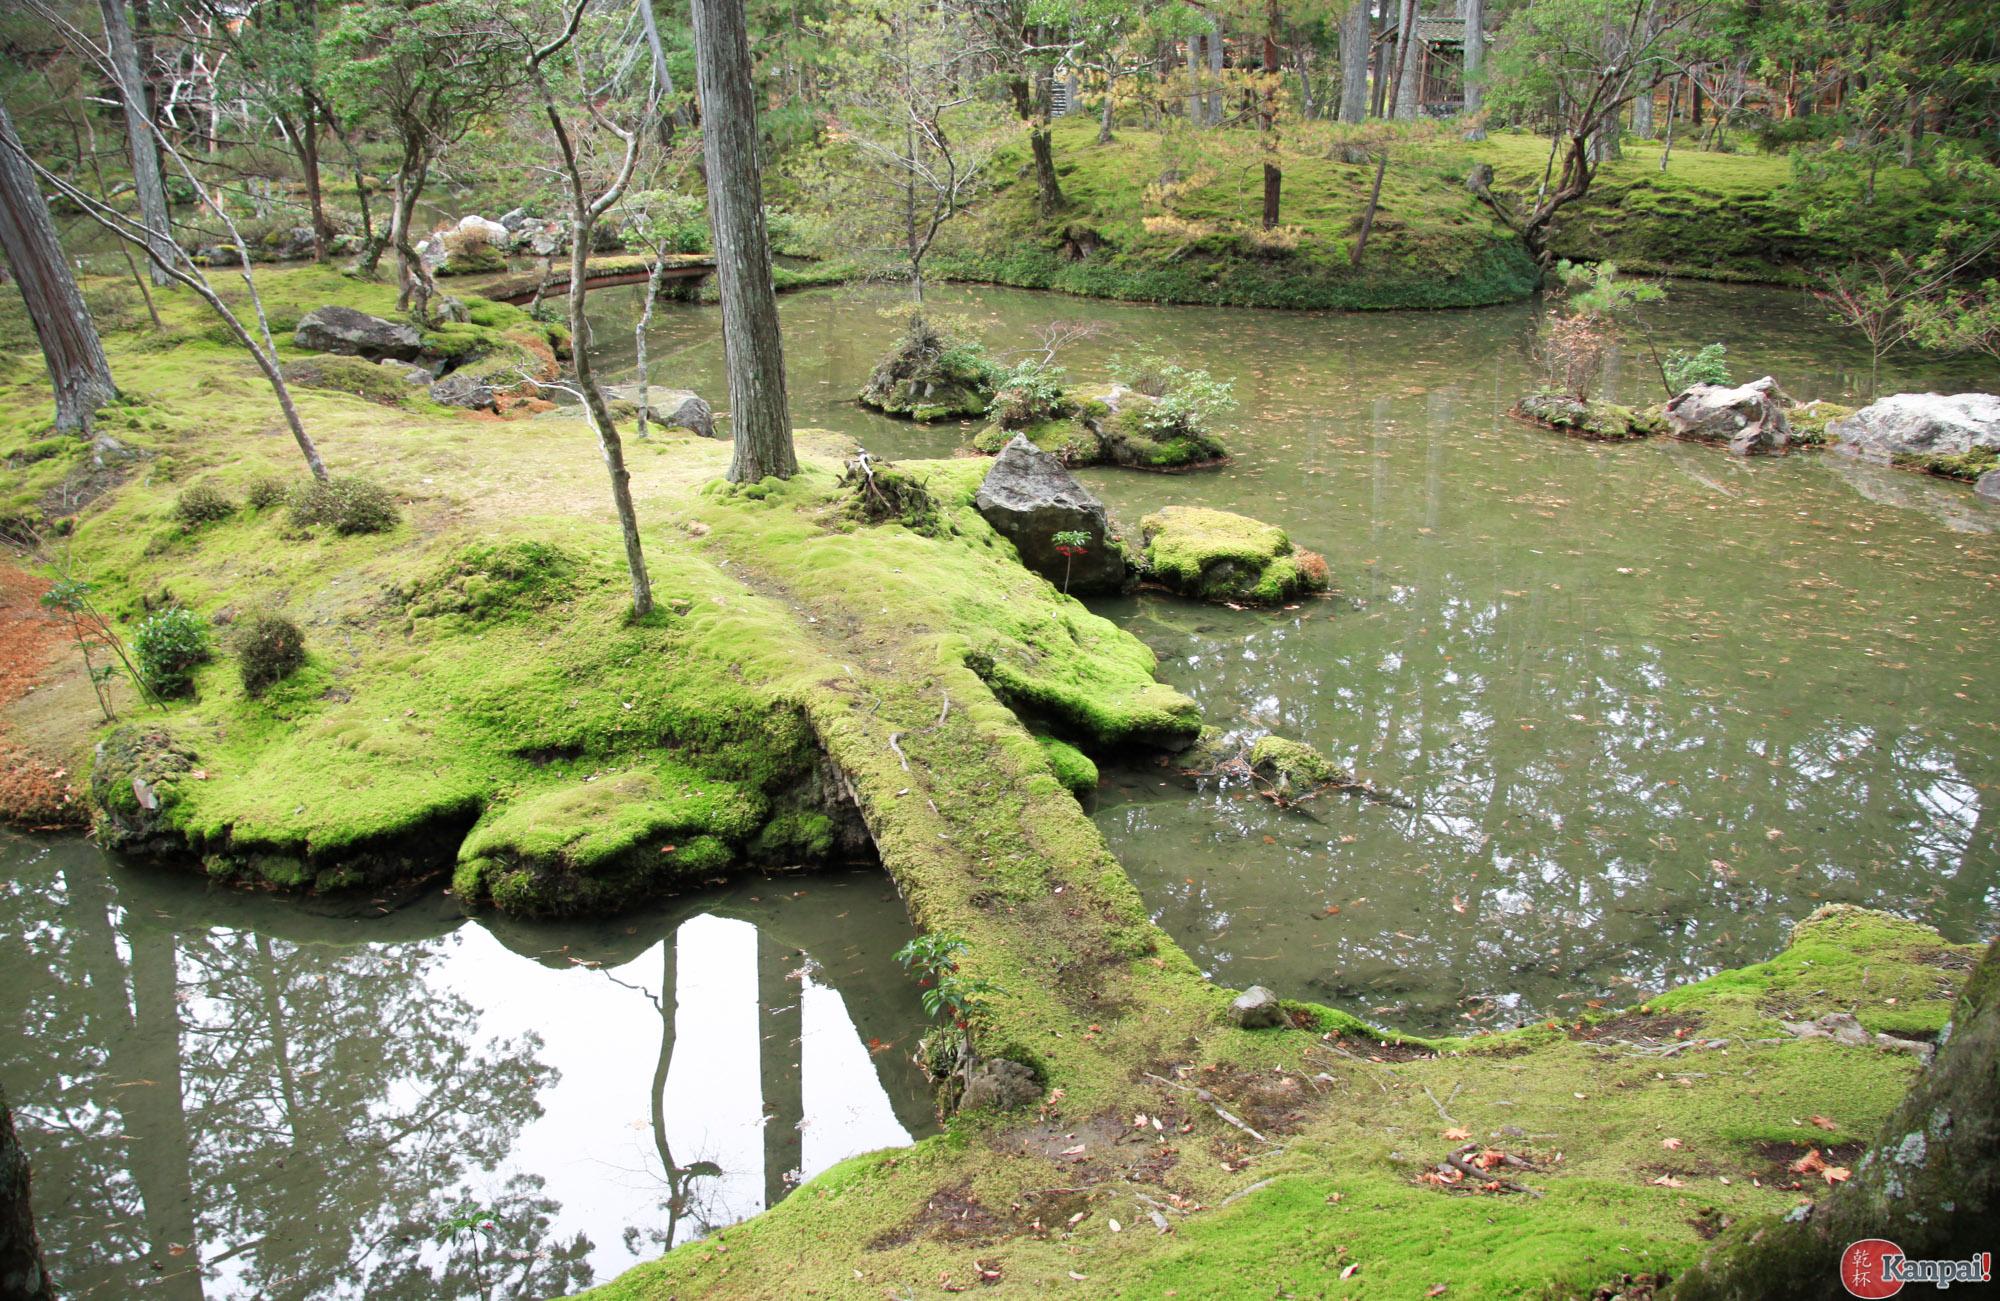 mousse jardin japonais racines jardinage plantes jardin de mousse art des jardins ides de. Black Bedroom Furniture Sets. Home Design Ideas